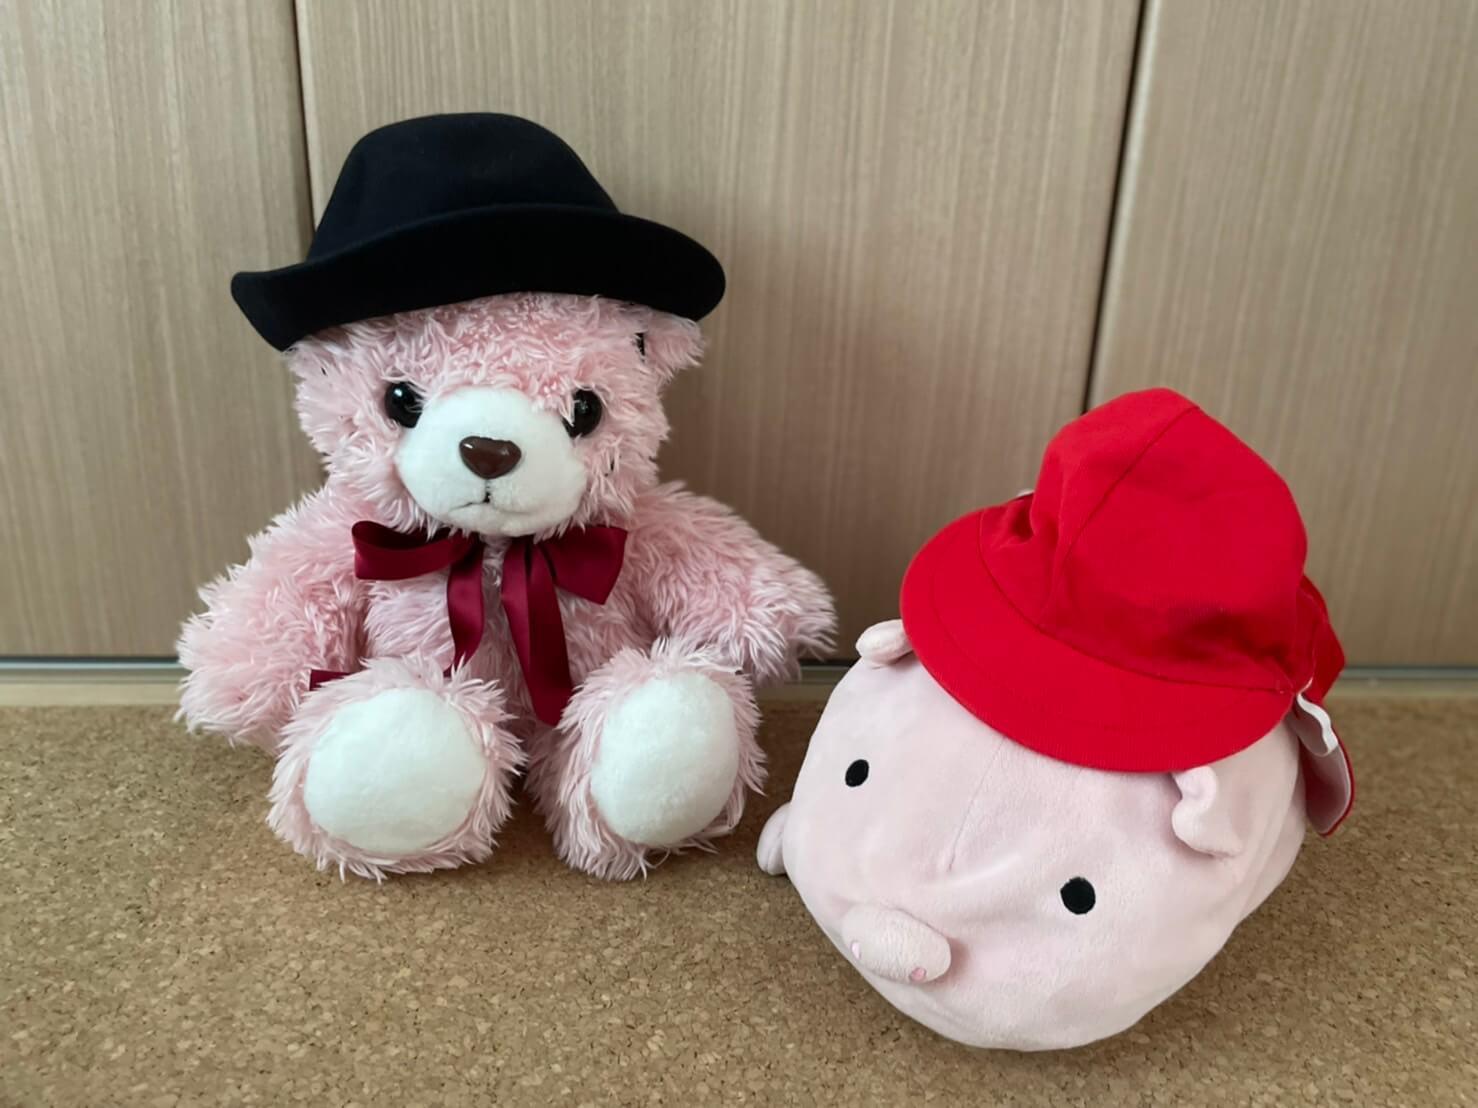 幼稚園帽子と赤帽子をかぶるぬいぐるみ